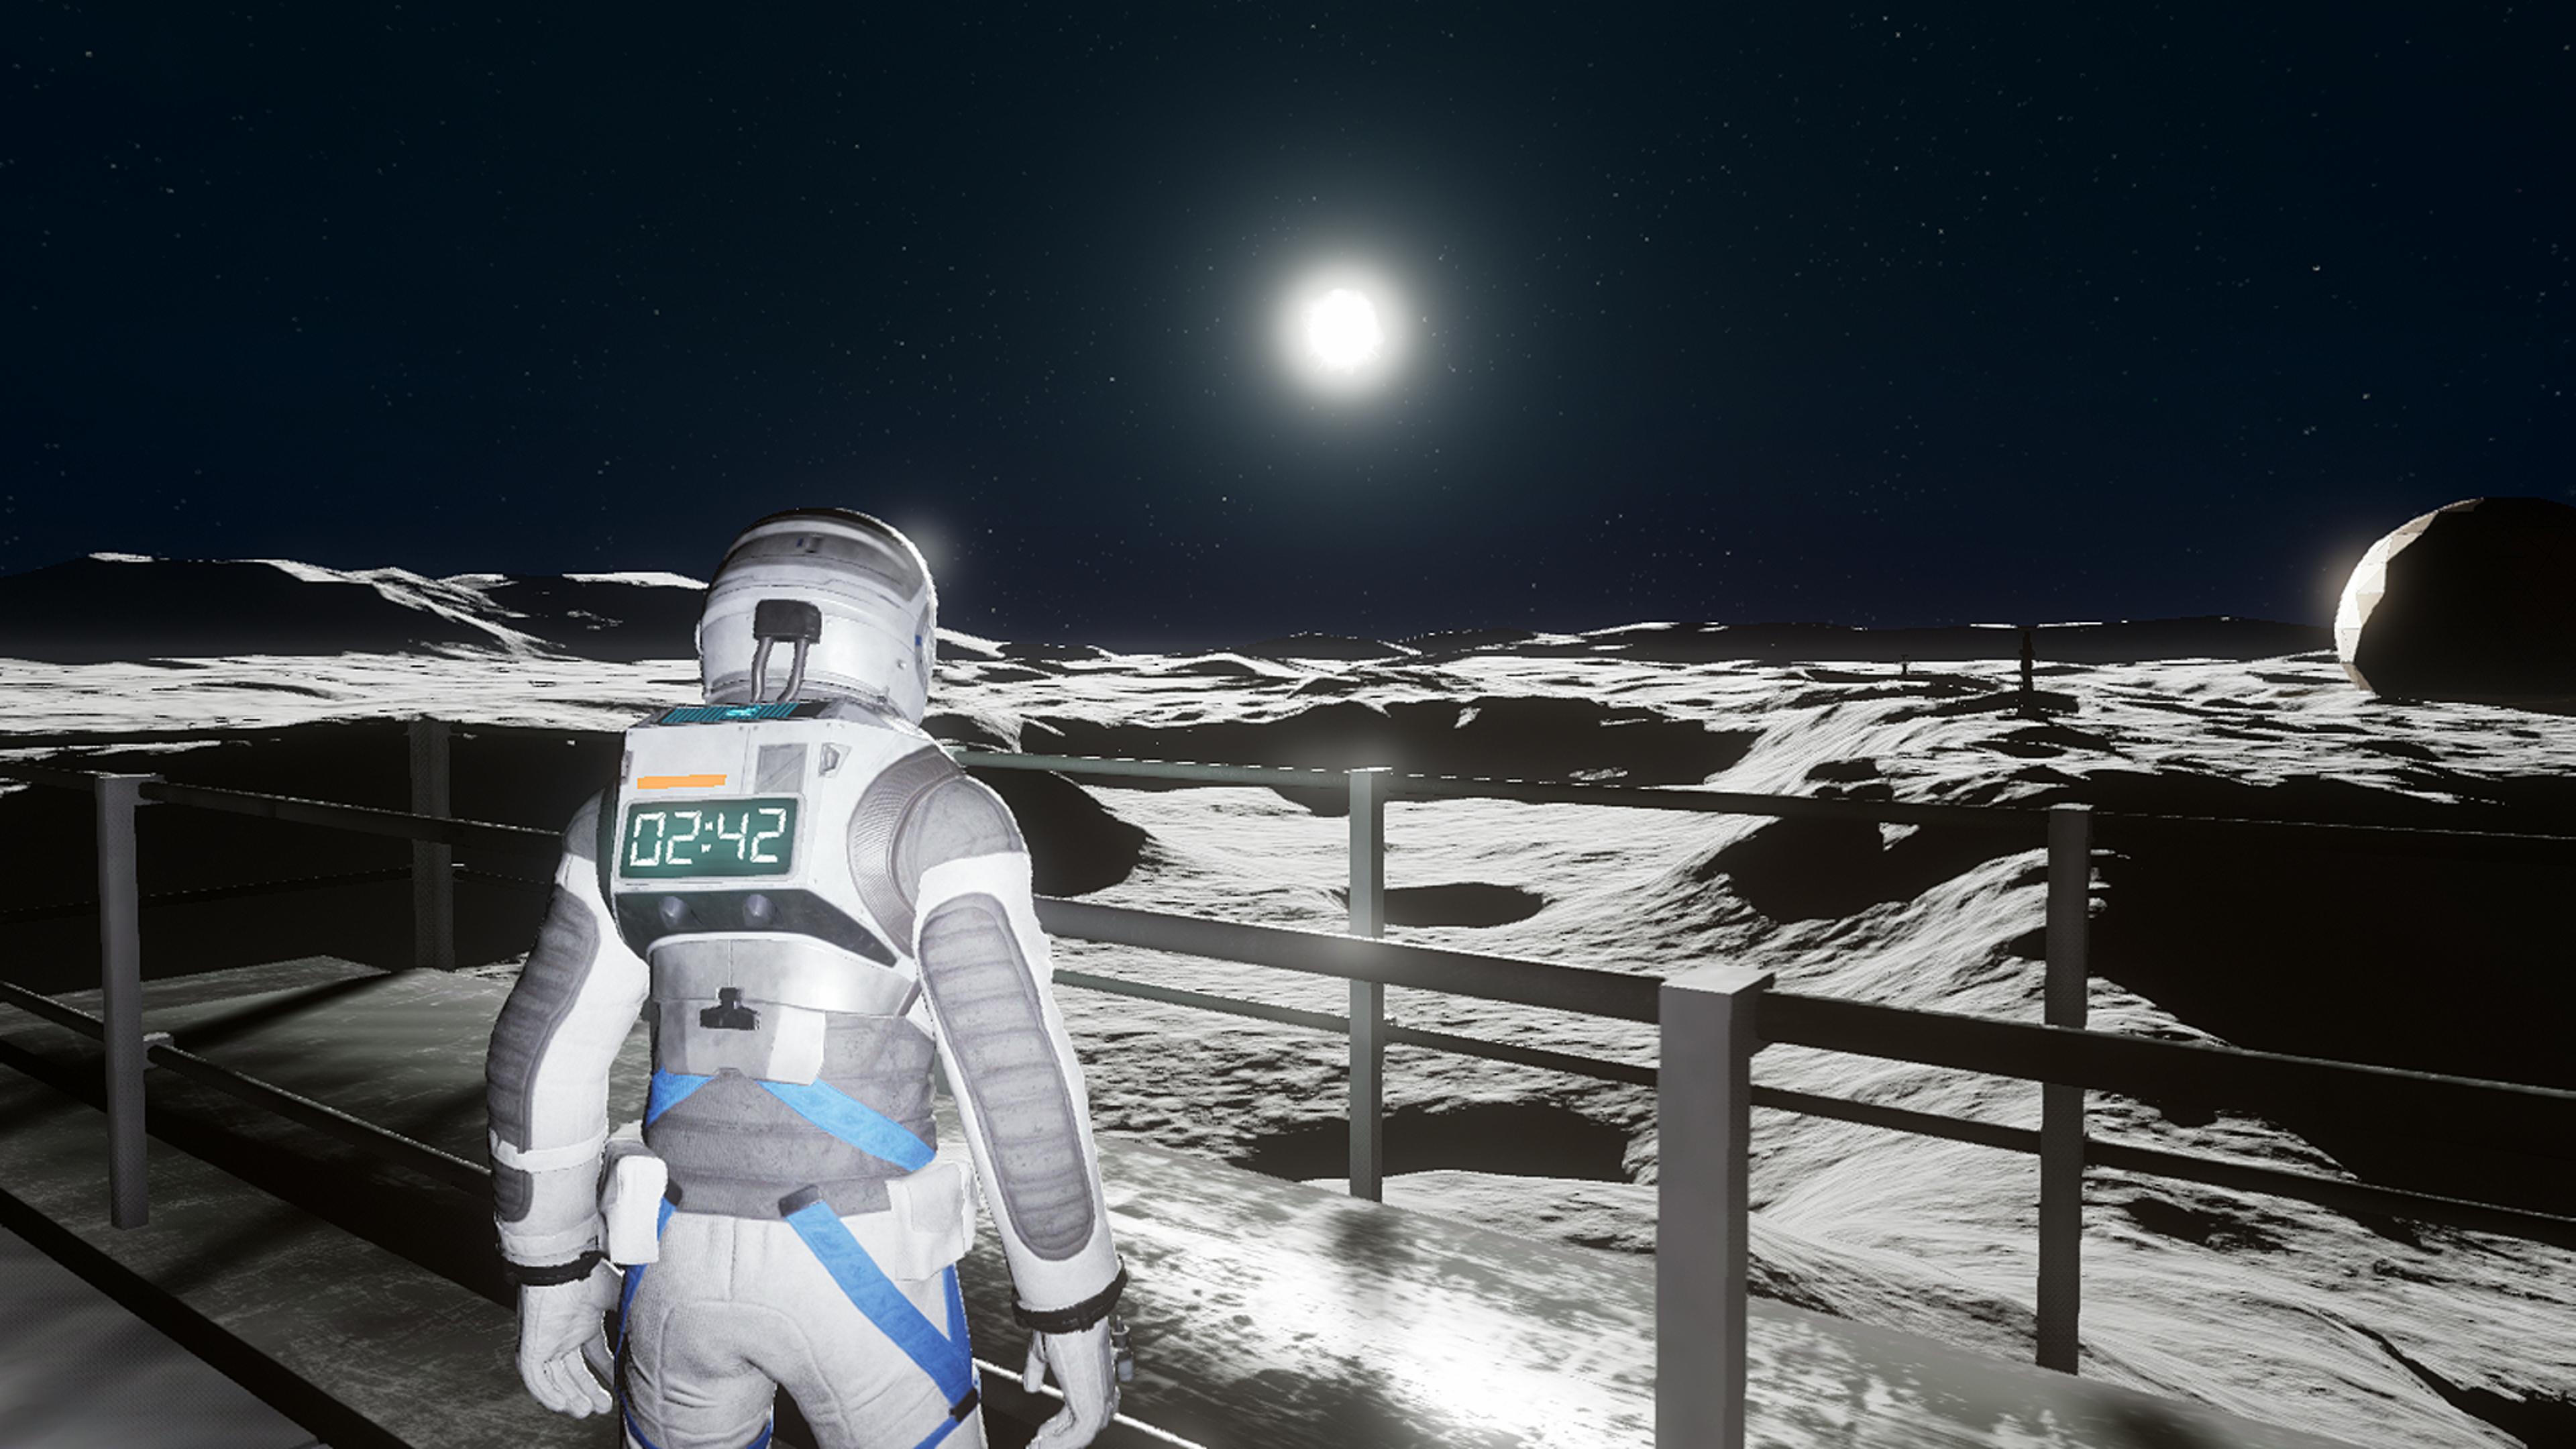 Le jeu donne une superbe simulation de se retrouver à la surface de la Lune.